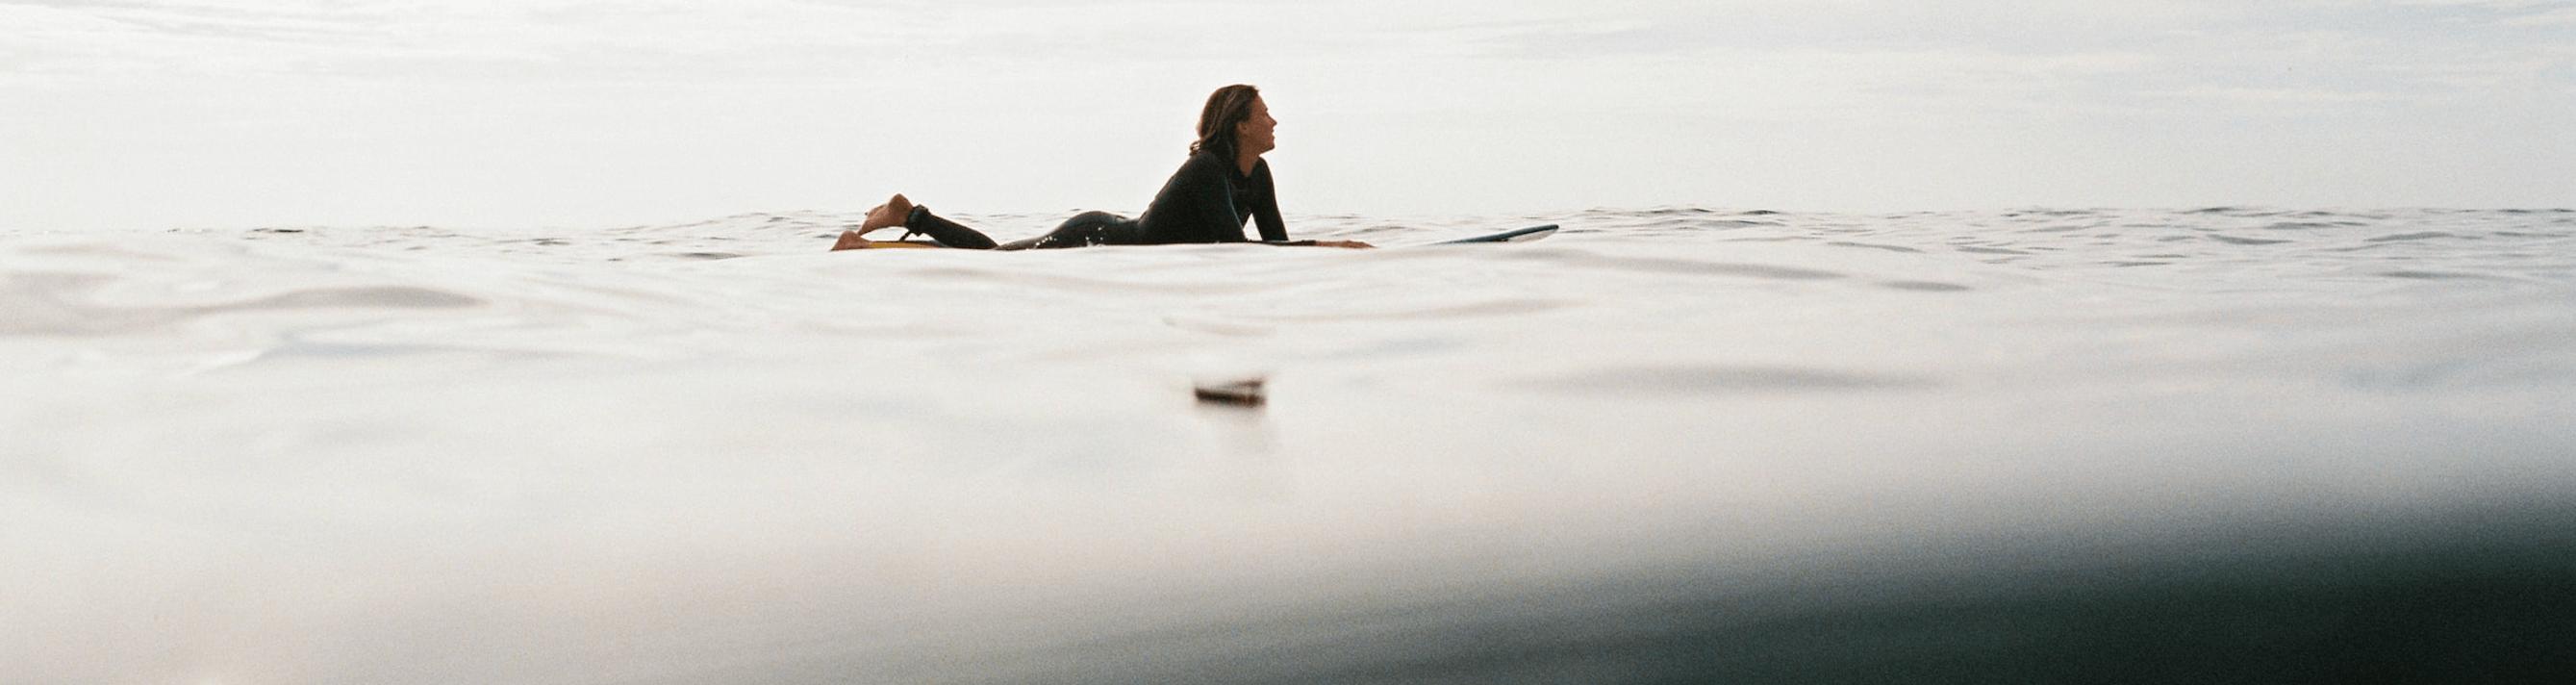 ReSurf brugt bæredygtigt surfudstyr